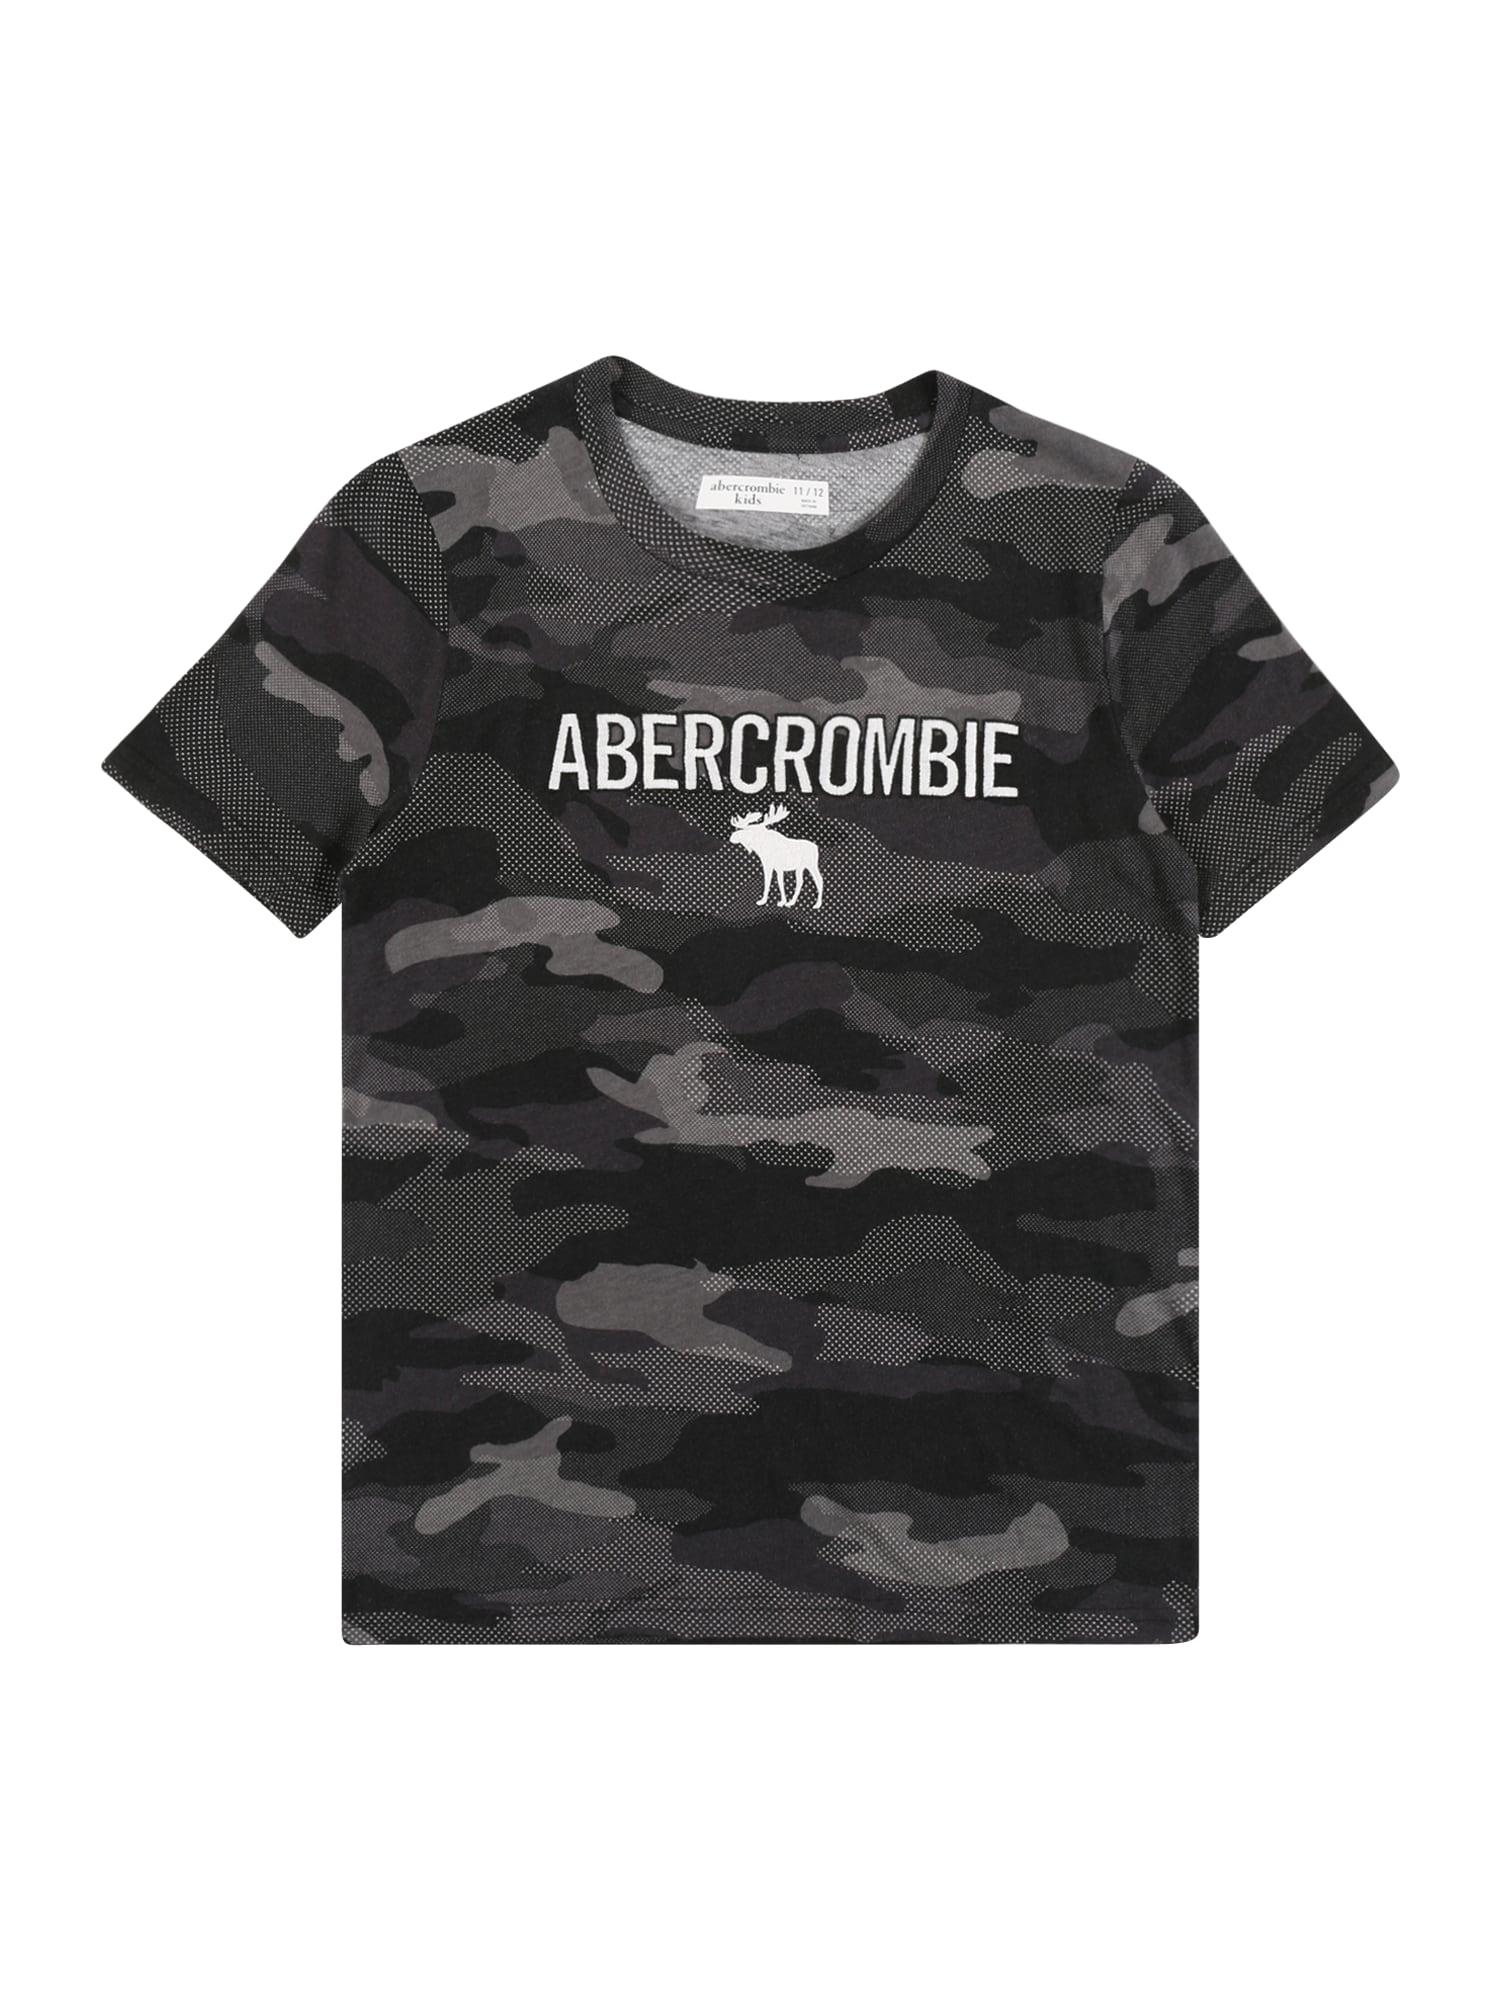 Abercrombie & Fitch Marškinėliai pilka / tamsiai pilka / balta